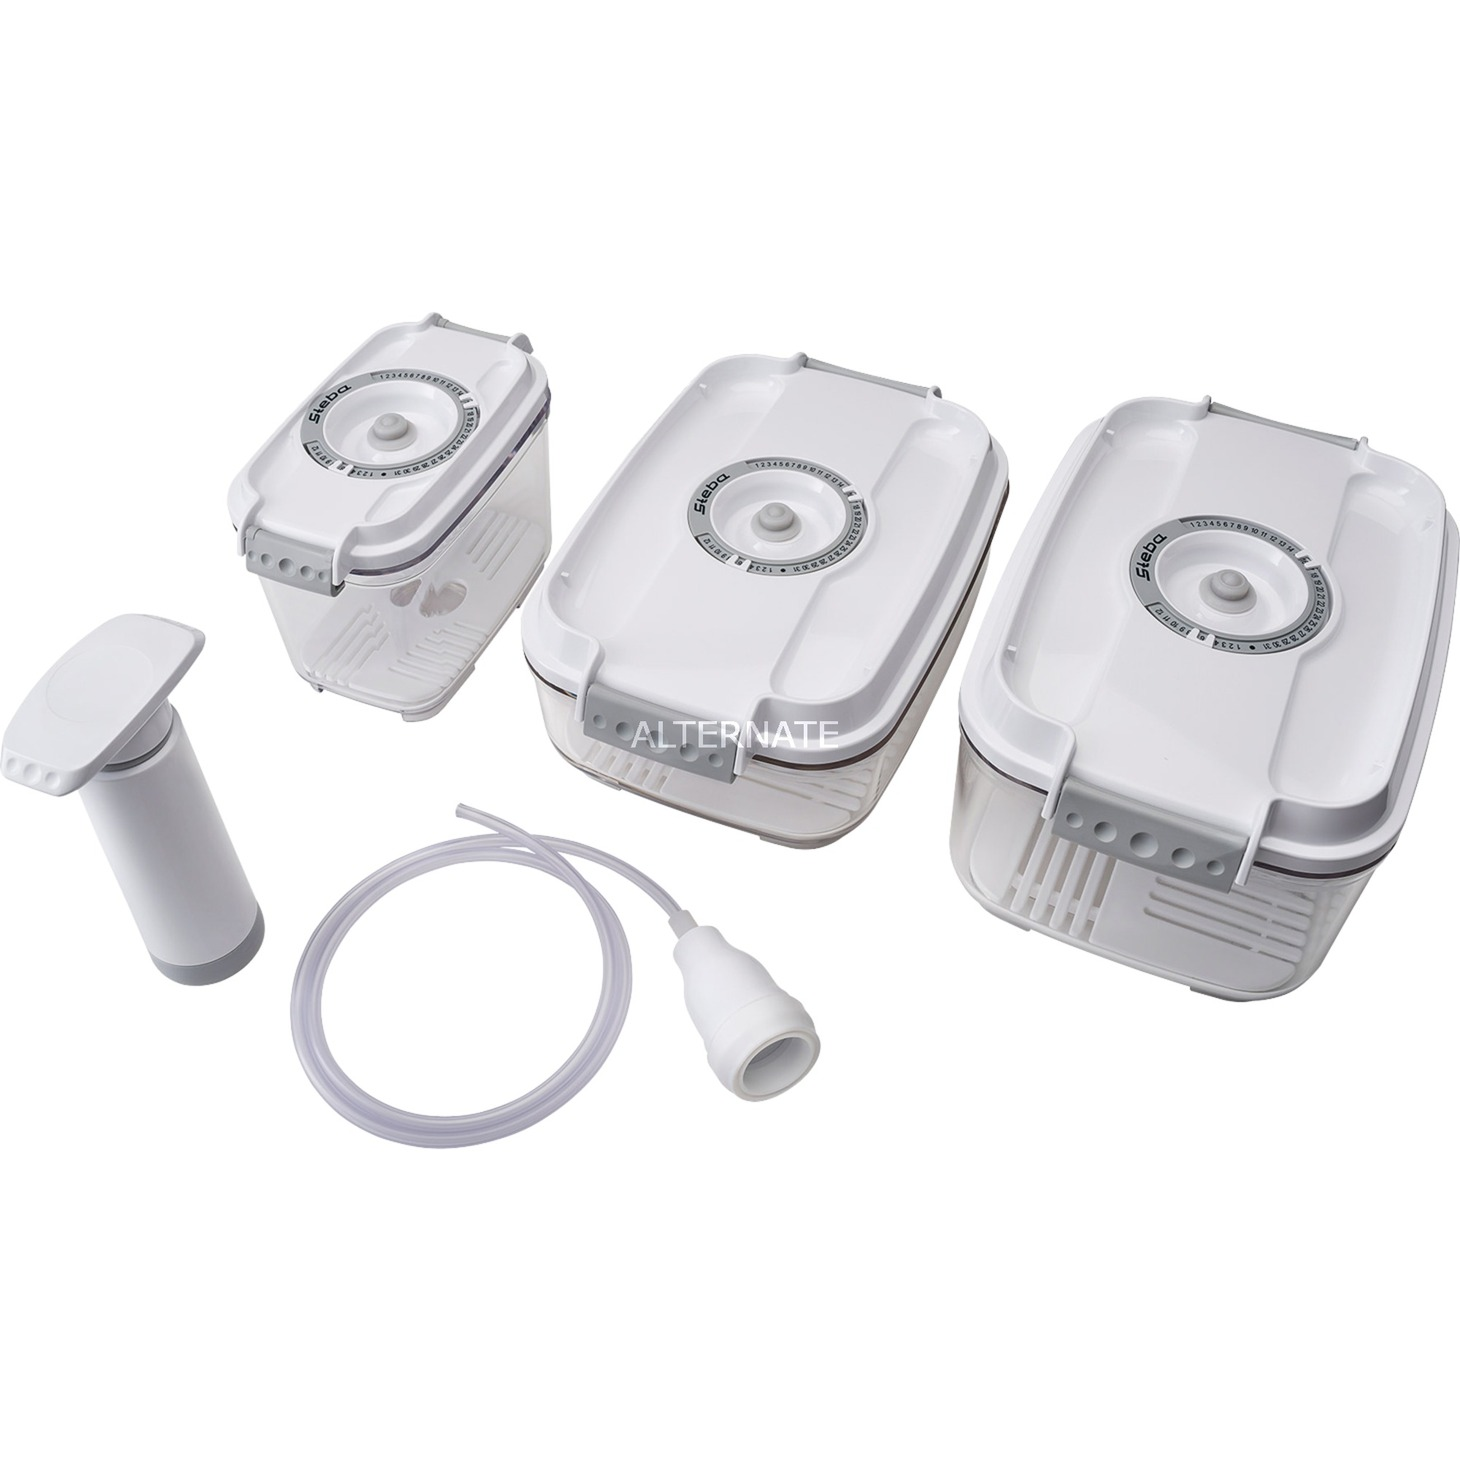 93 17 00 Rectangular Caja 2L Blanco 3pieza(s) recipiente de almacenar comida, Láminas para envasado al vacío